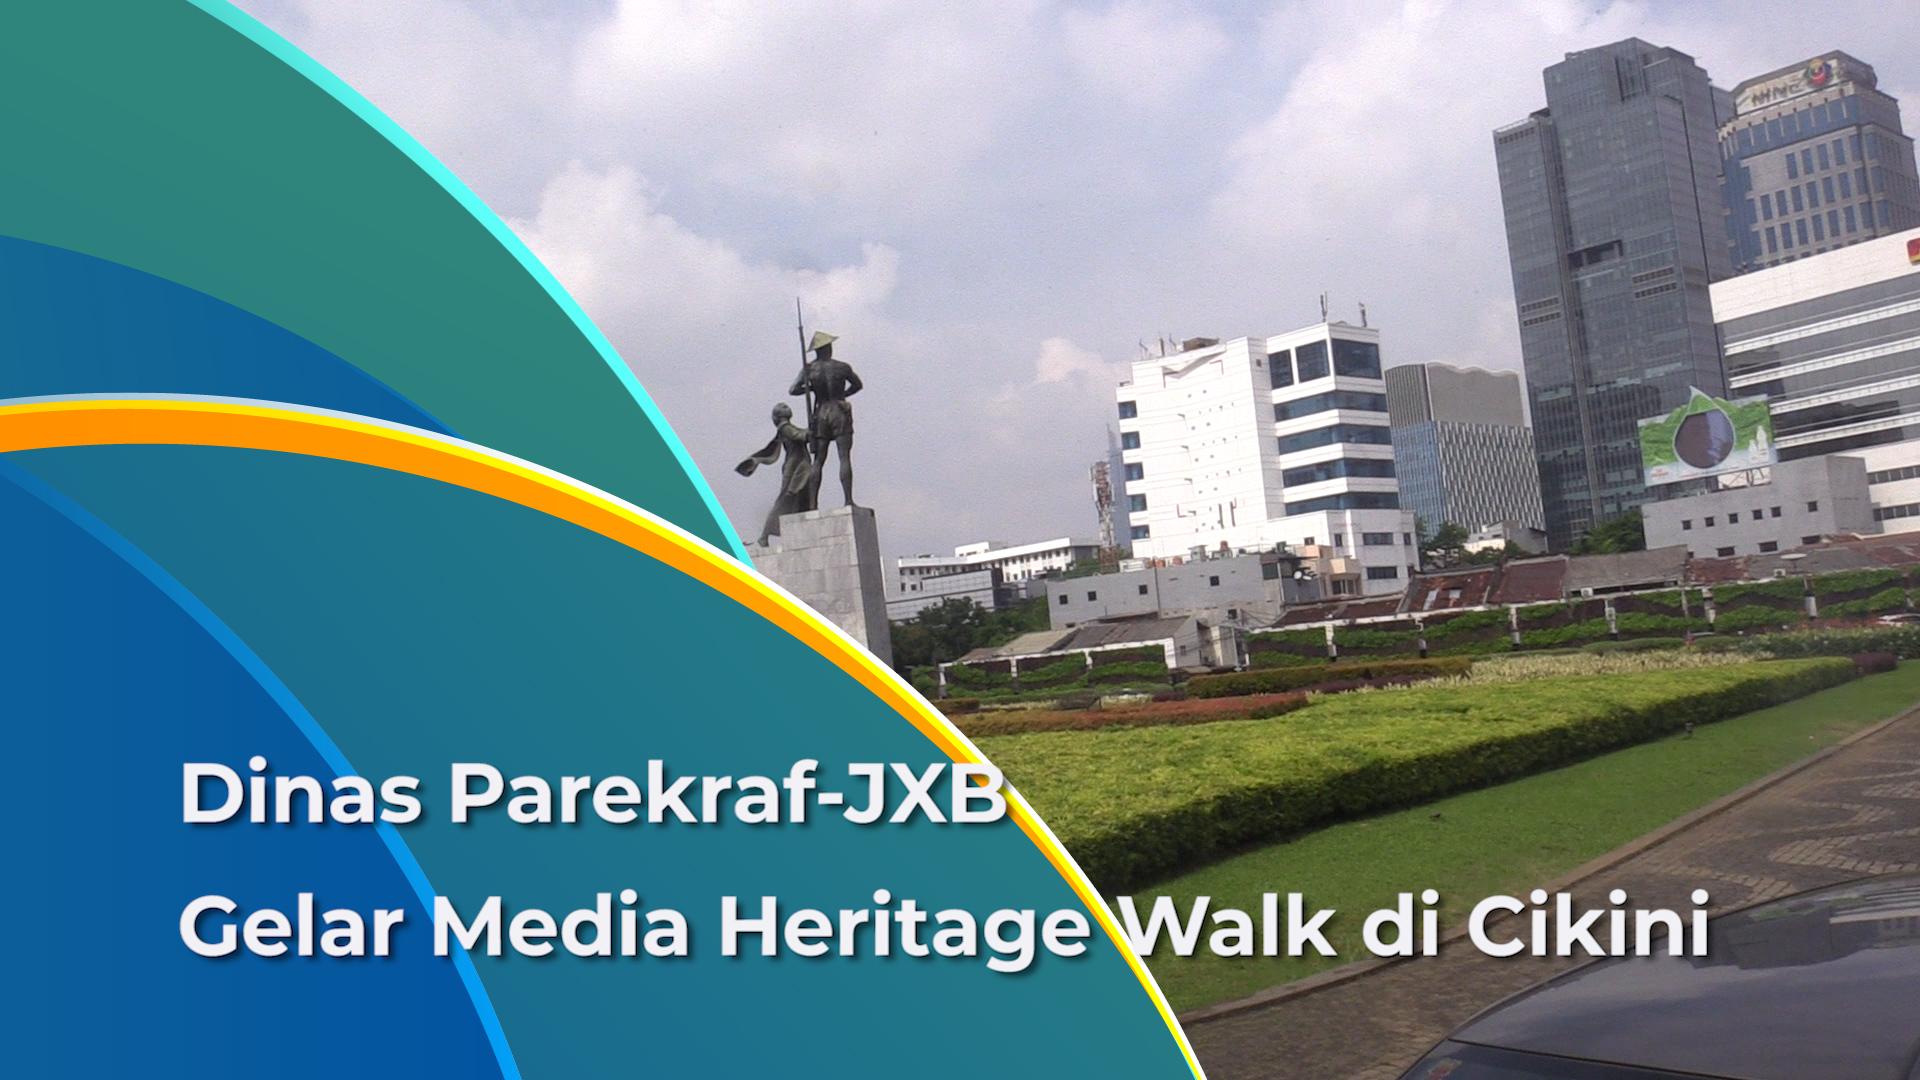 Media Heritage Walk, program perkenalan wisata urban